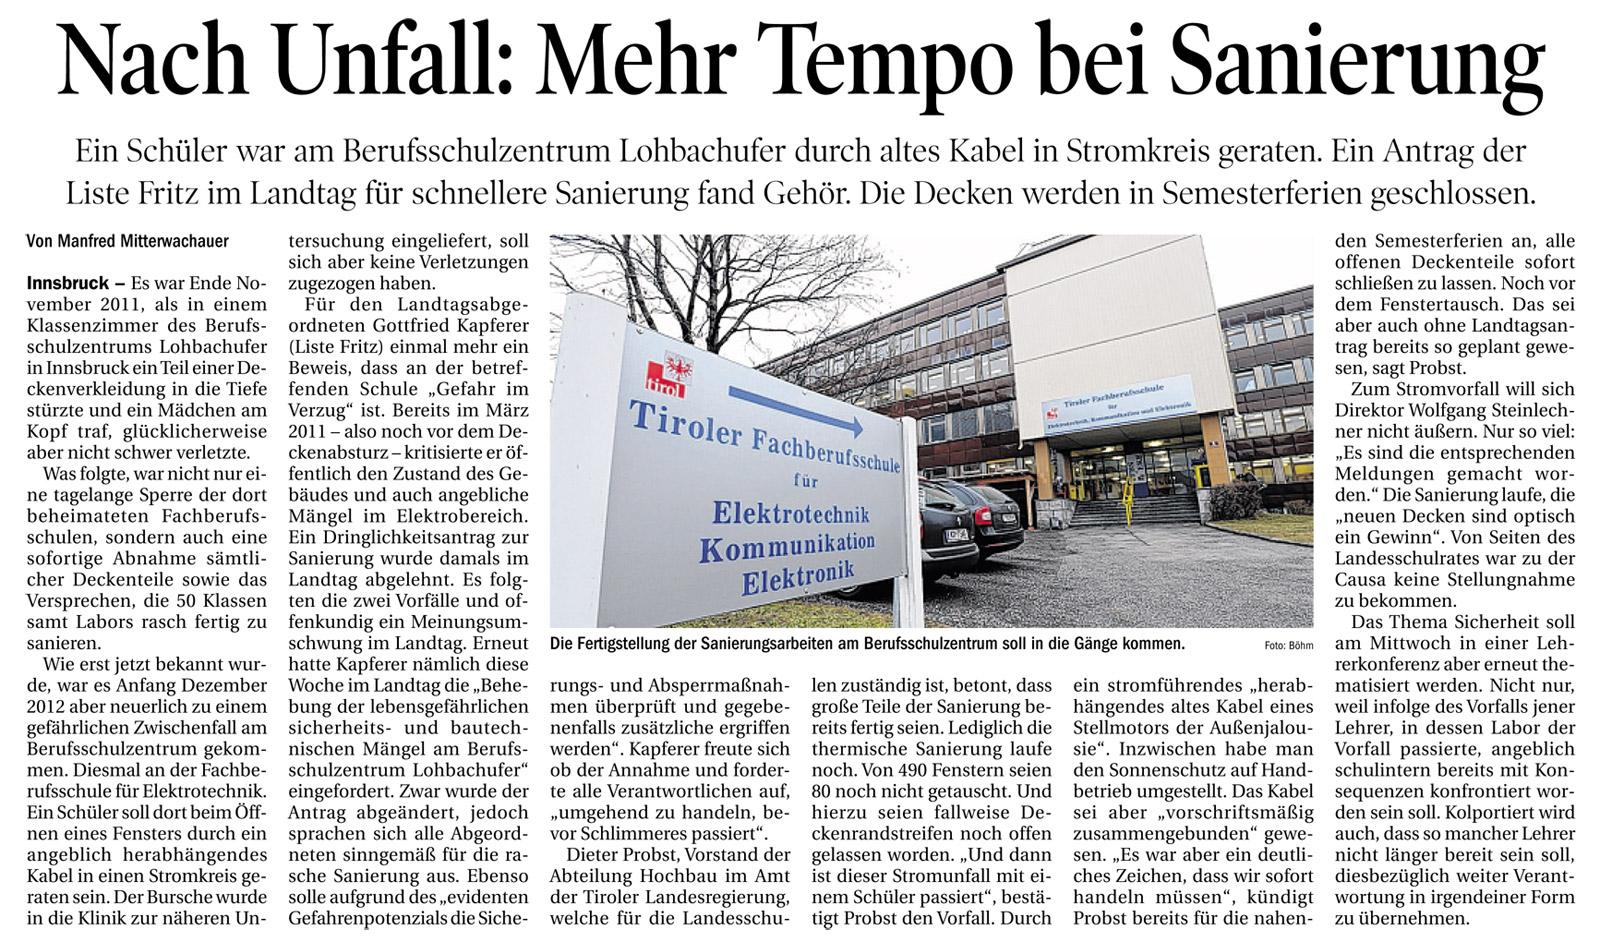 Bericht der Tiroler Tageszeitung zur Sanierung in der Berufsschule Lohbachufer